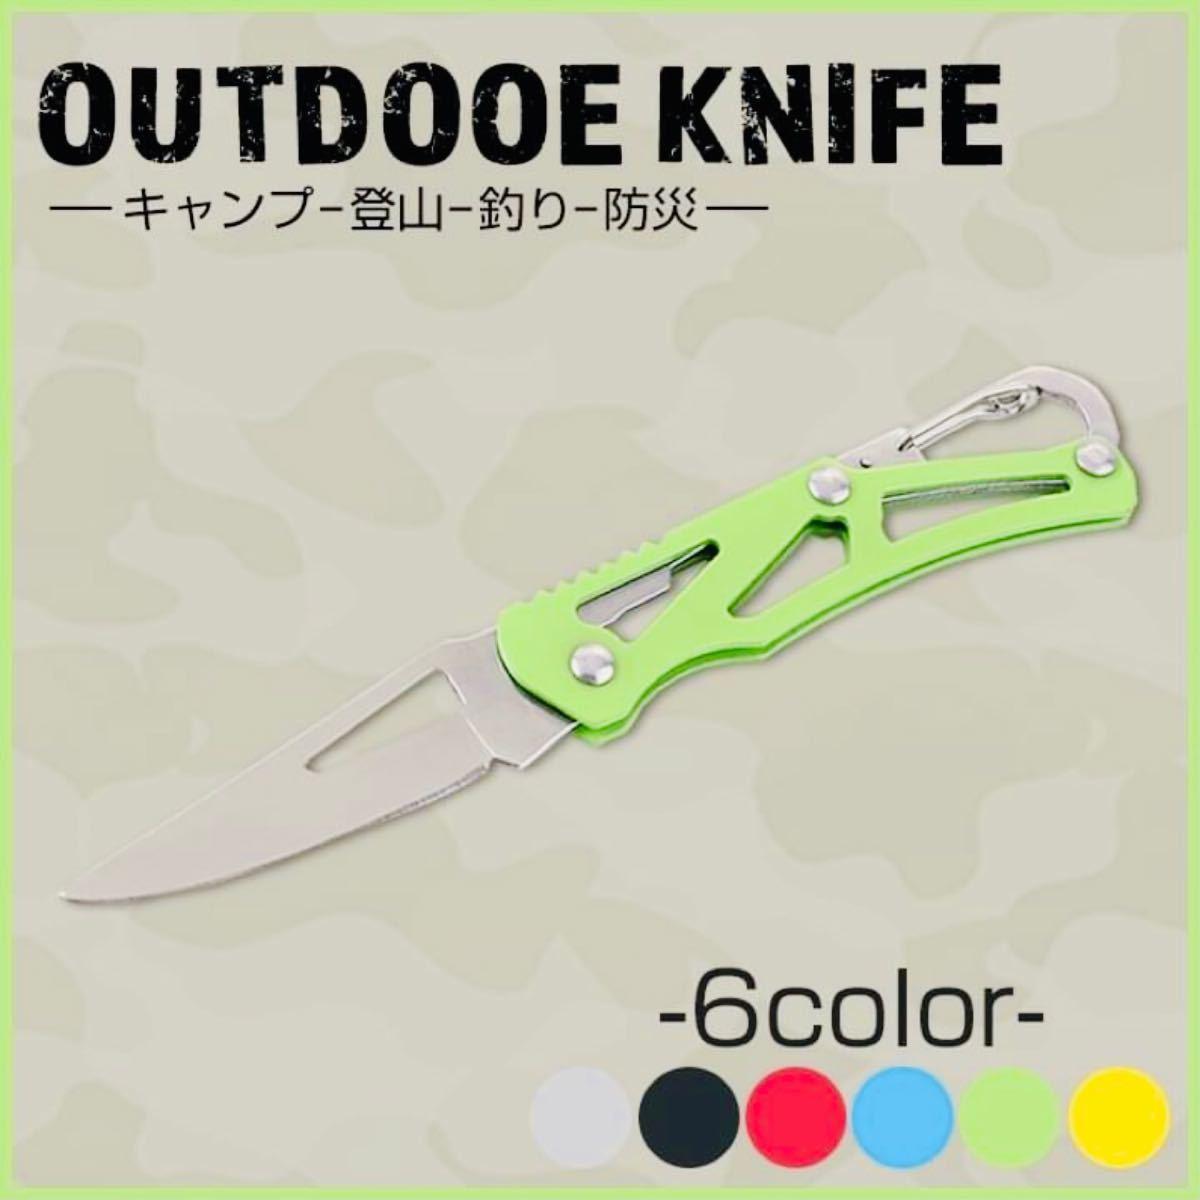 カラビナ 折りたたみ ナイフ 緑色 釣り キャンプ サバイバル フィッシング